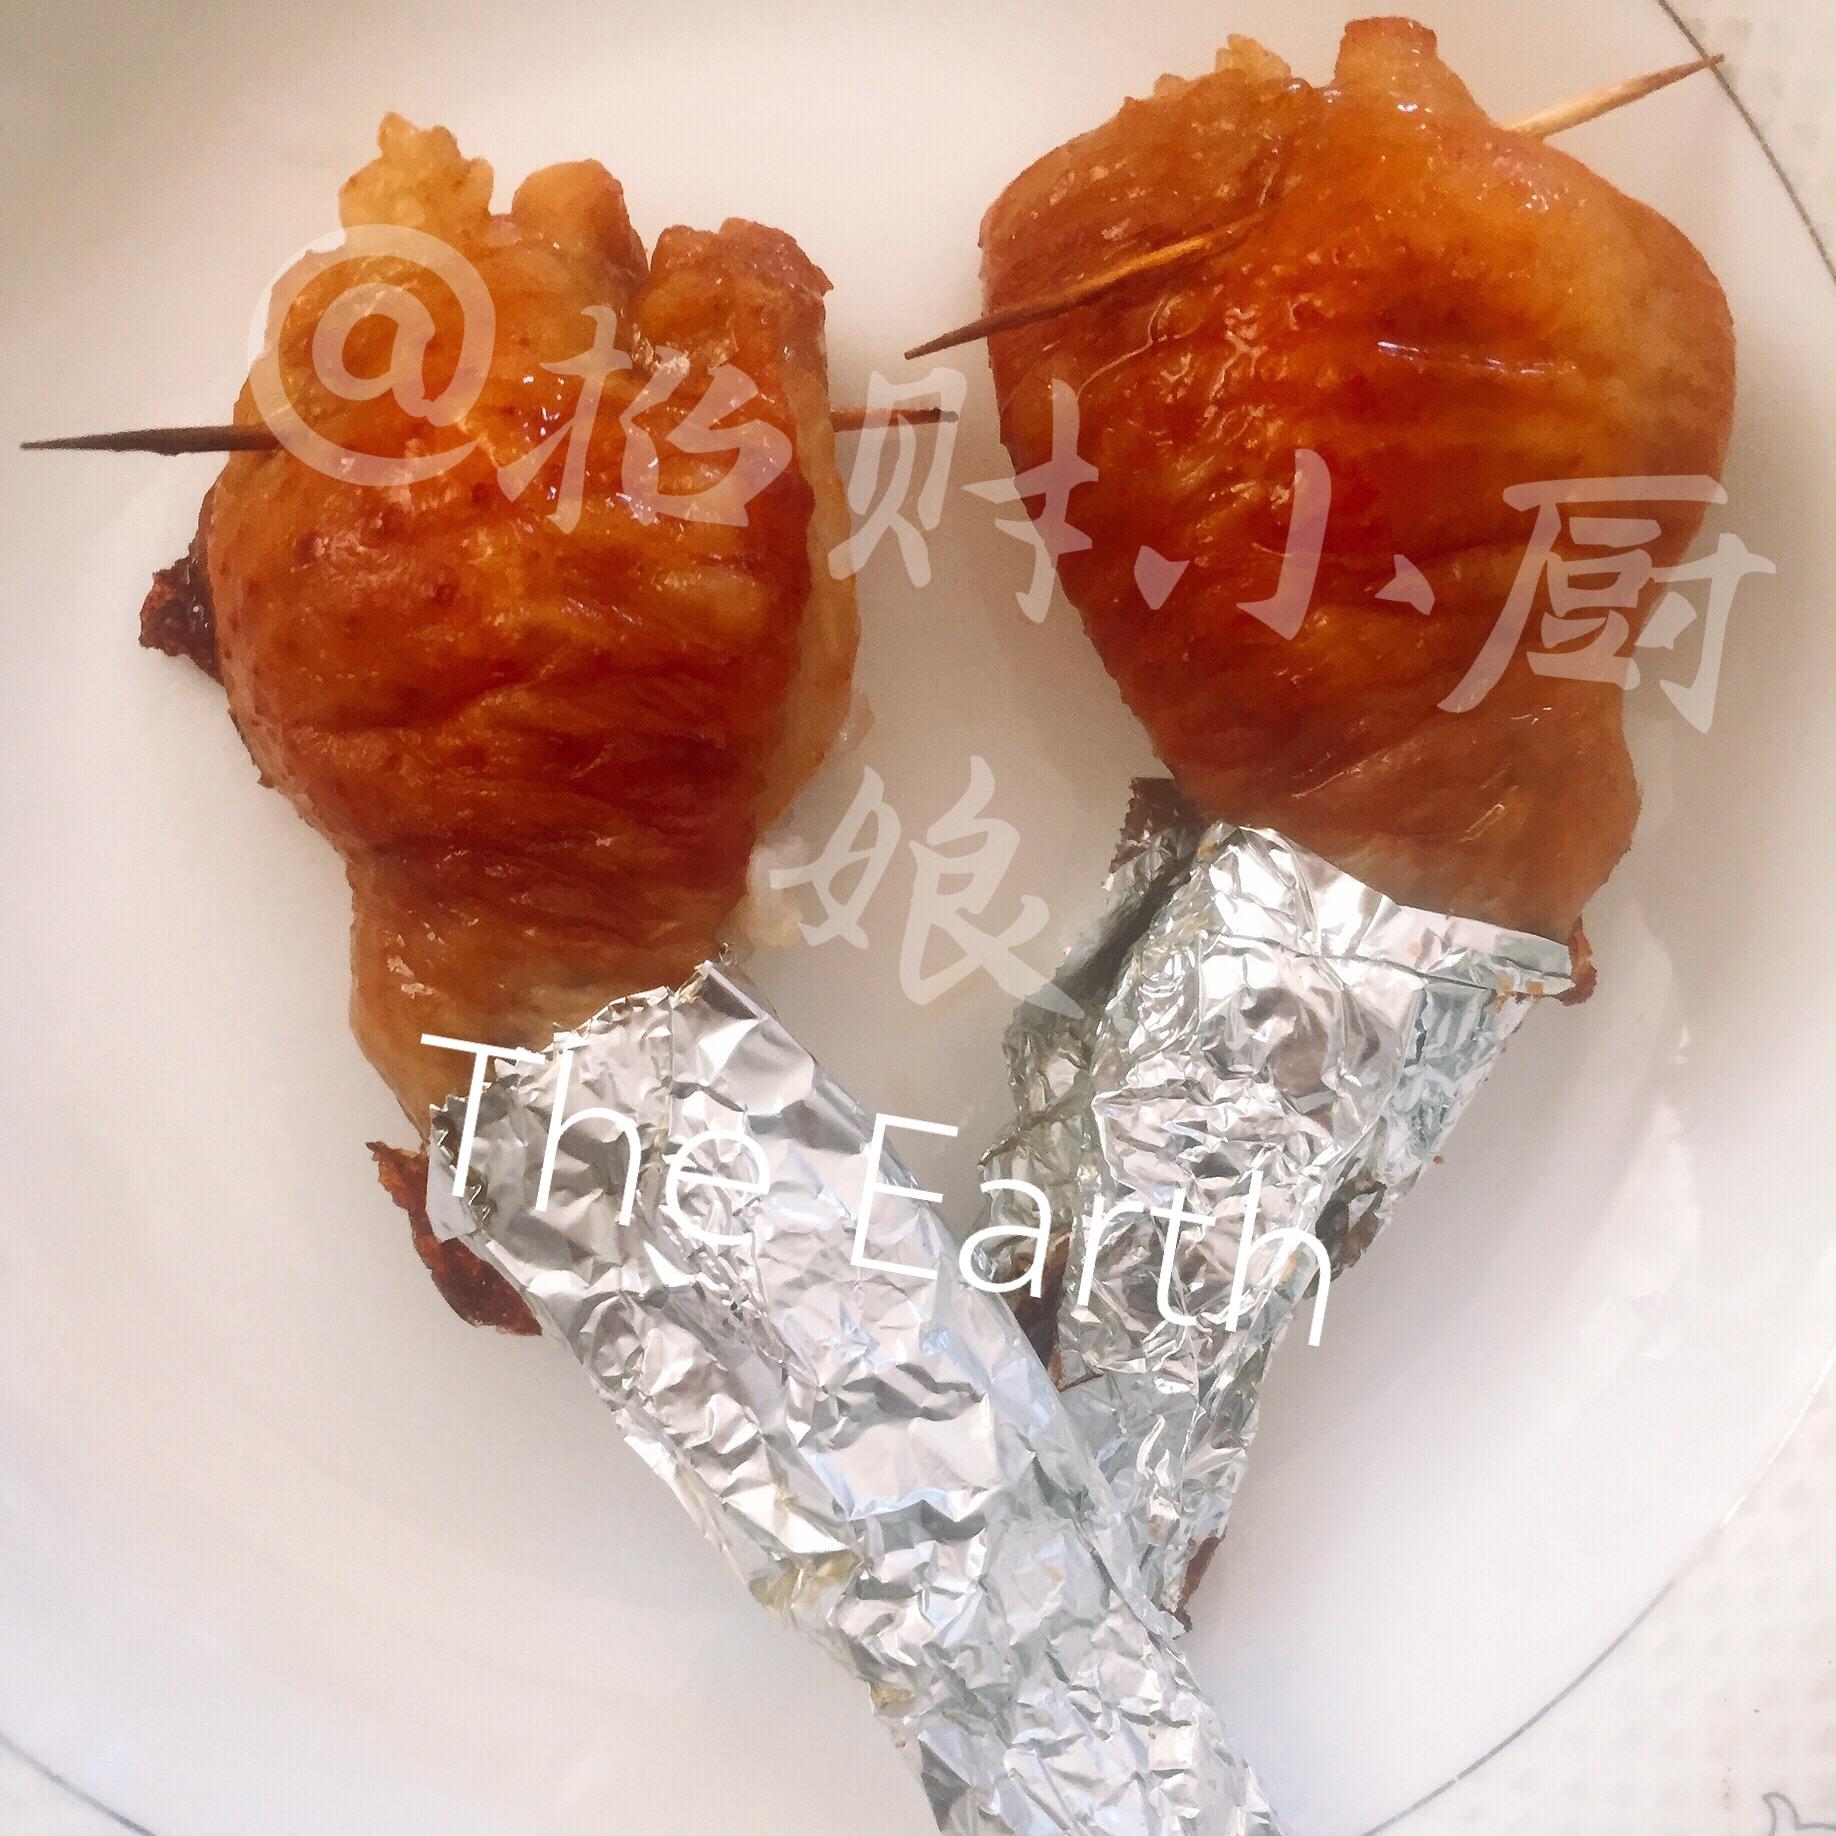 美味包饭超公众-美的美食烤箱鸡翅餐订餐三版号图片